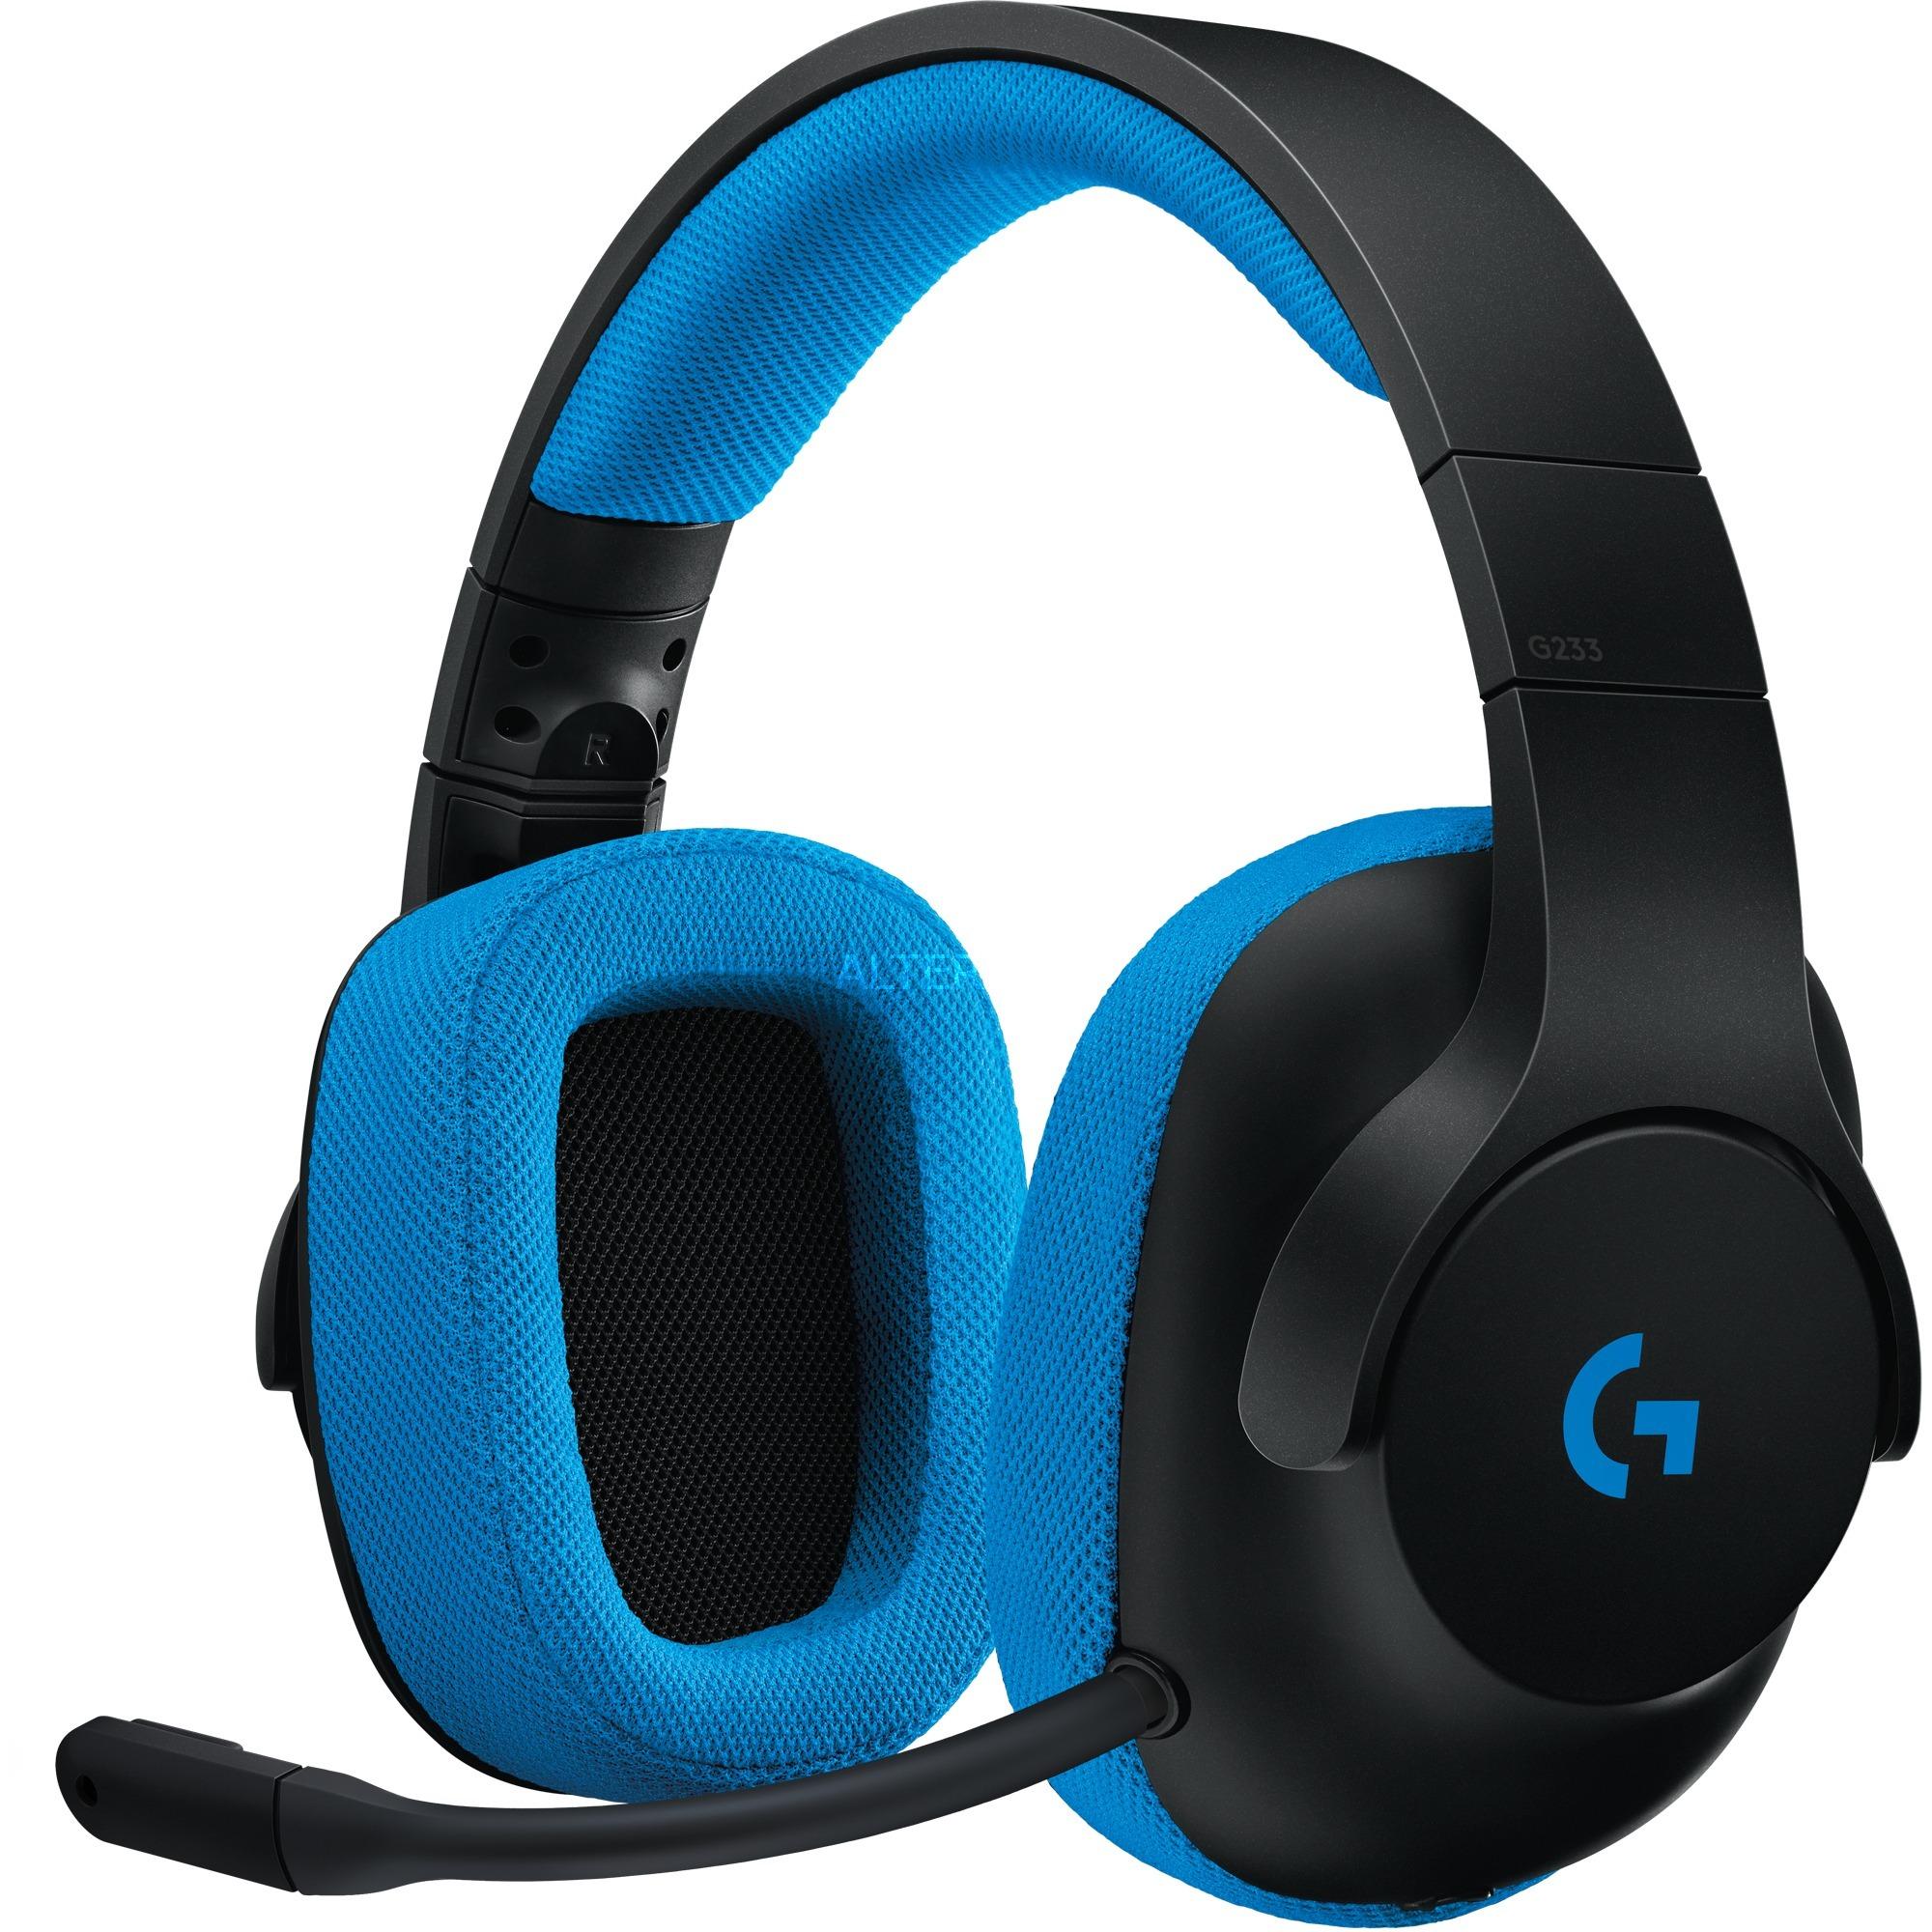 G233 auricular con micrófono Binaural Diadema Negro, Azul, Auriculares con micrófono